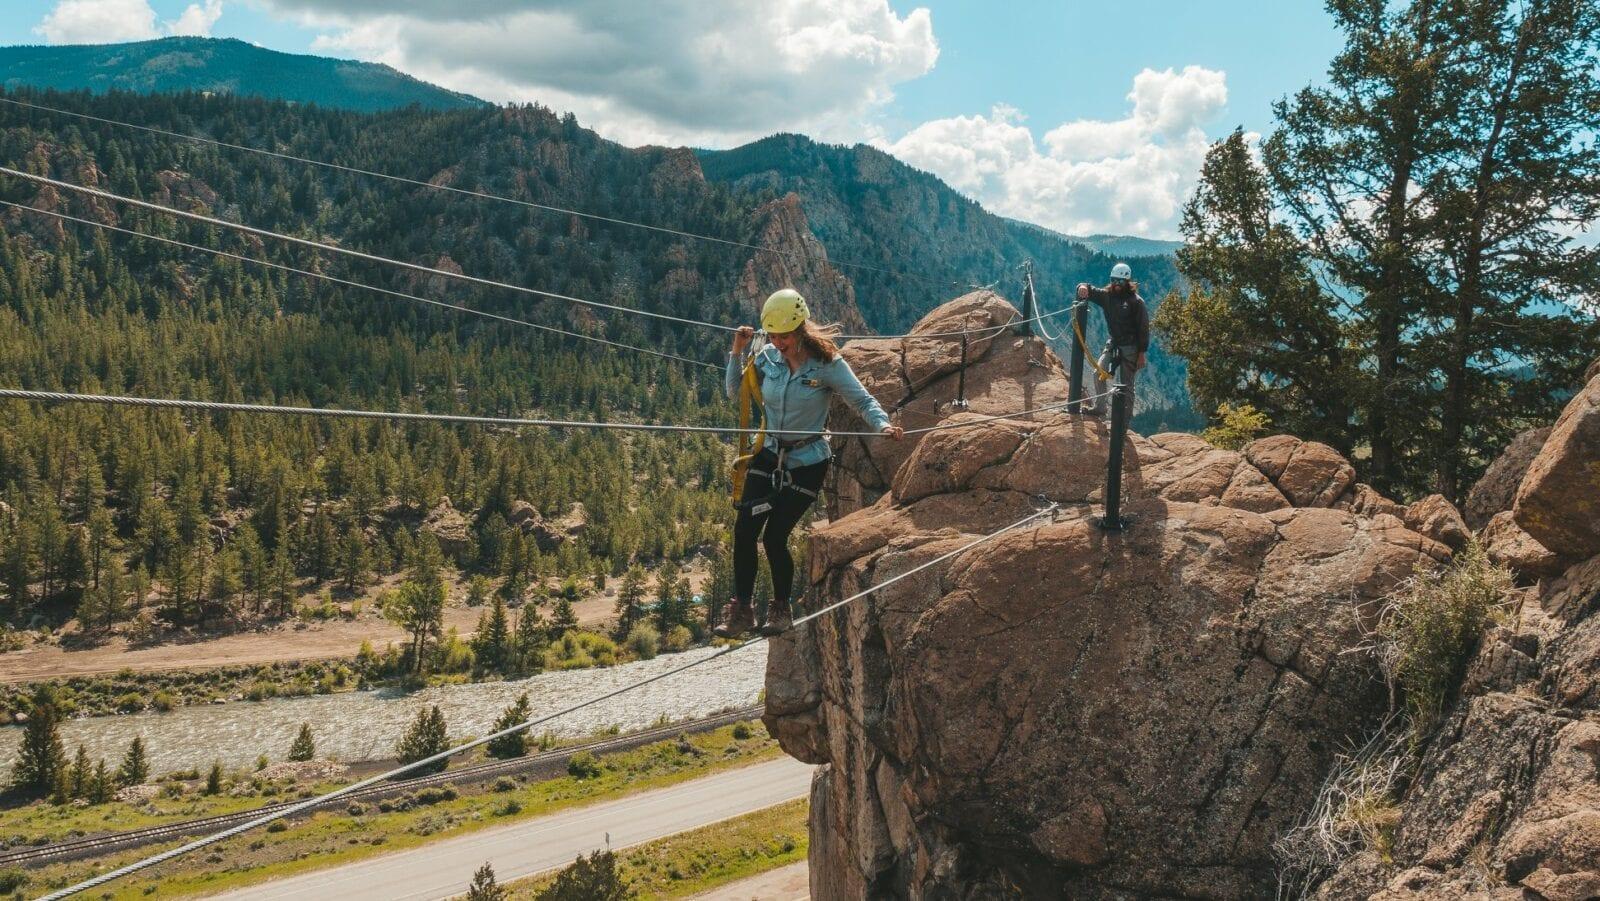 Image of a woman on a cable bridge on the Granite Via Ferrata course in Buena Vista, Colorado